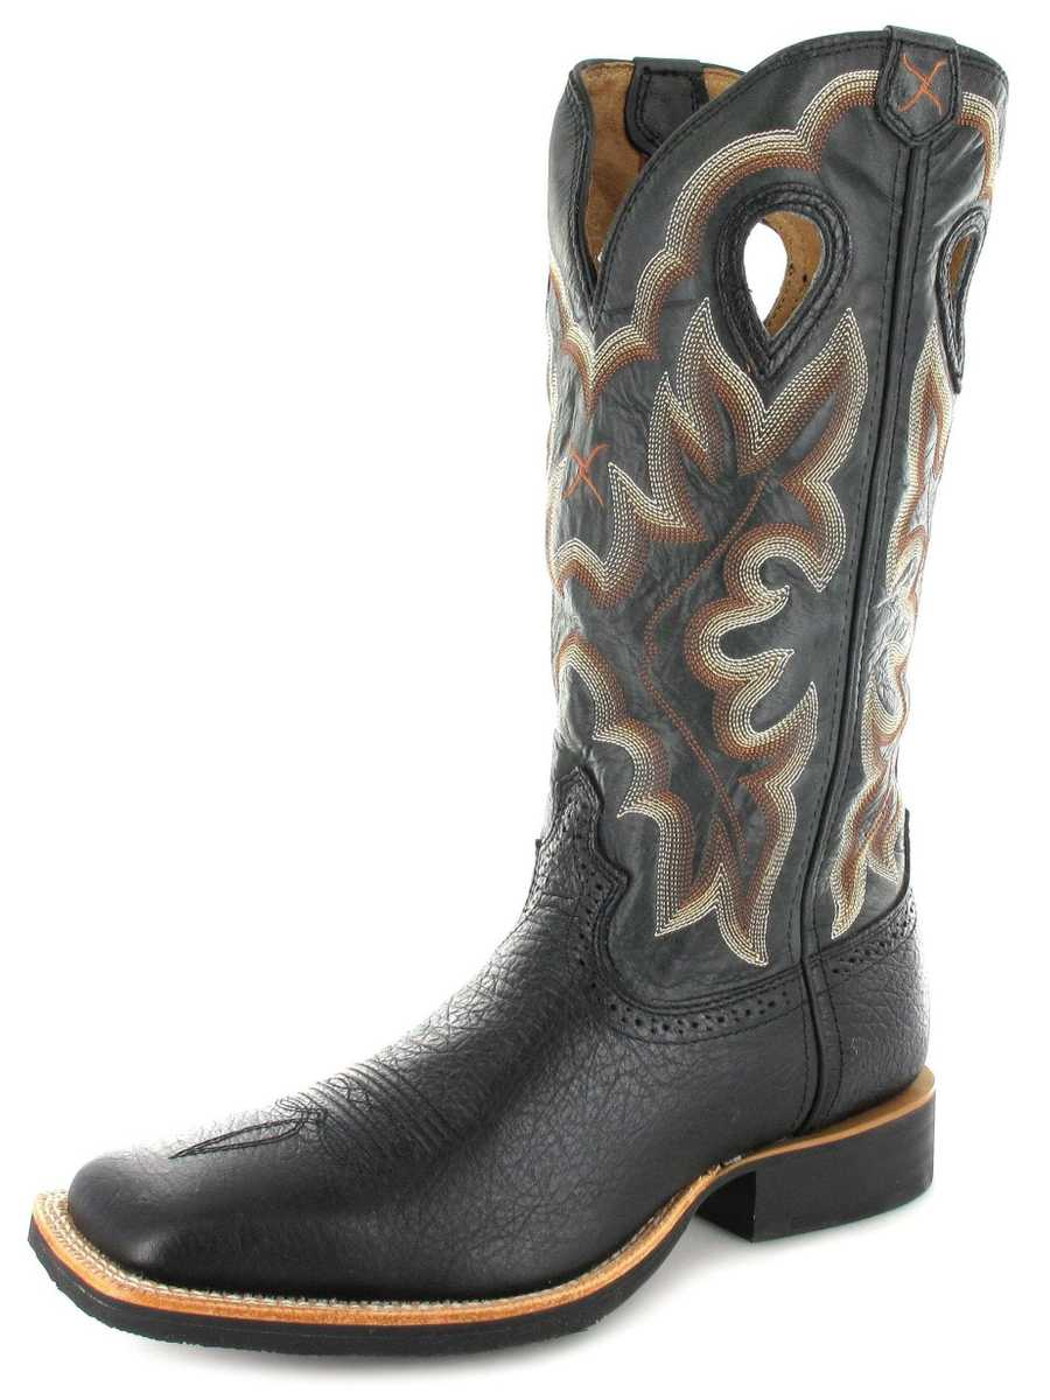 Twisted X Boots 1963 RUFF STOCK Black Herren Westernreitstiefel - schwarz